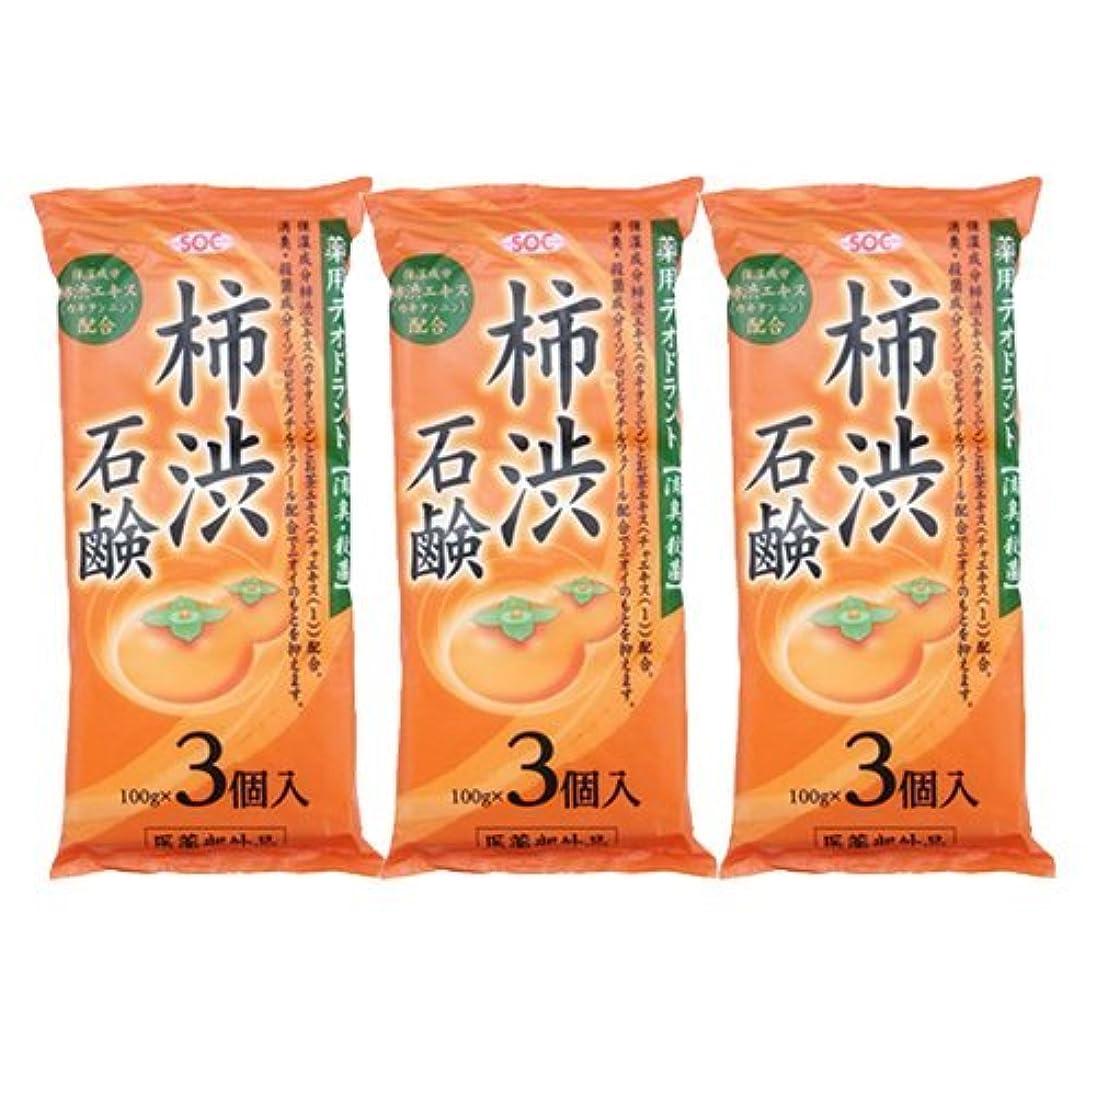 請願者医薬品活気づける渋谷油脂 SOC 薬用柿渋石鹸 3P ×3袋セット (100g×9個)